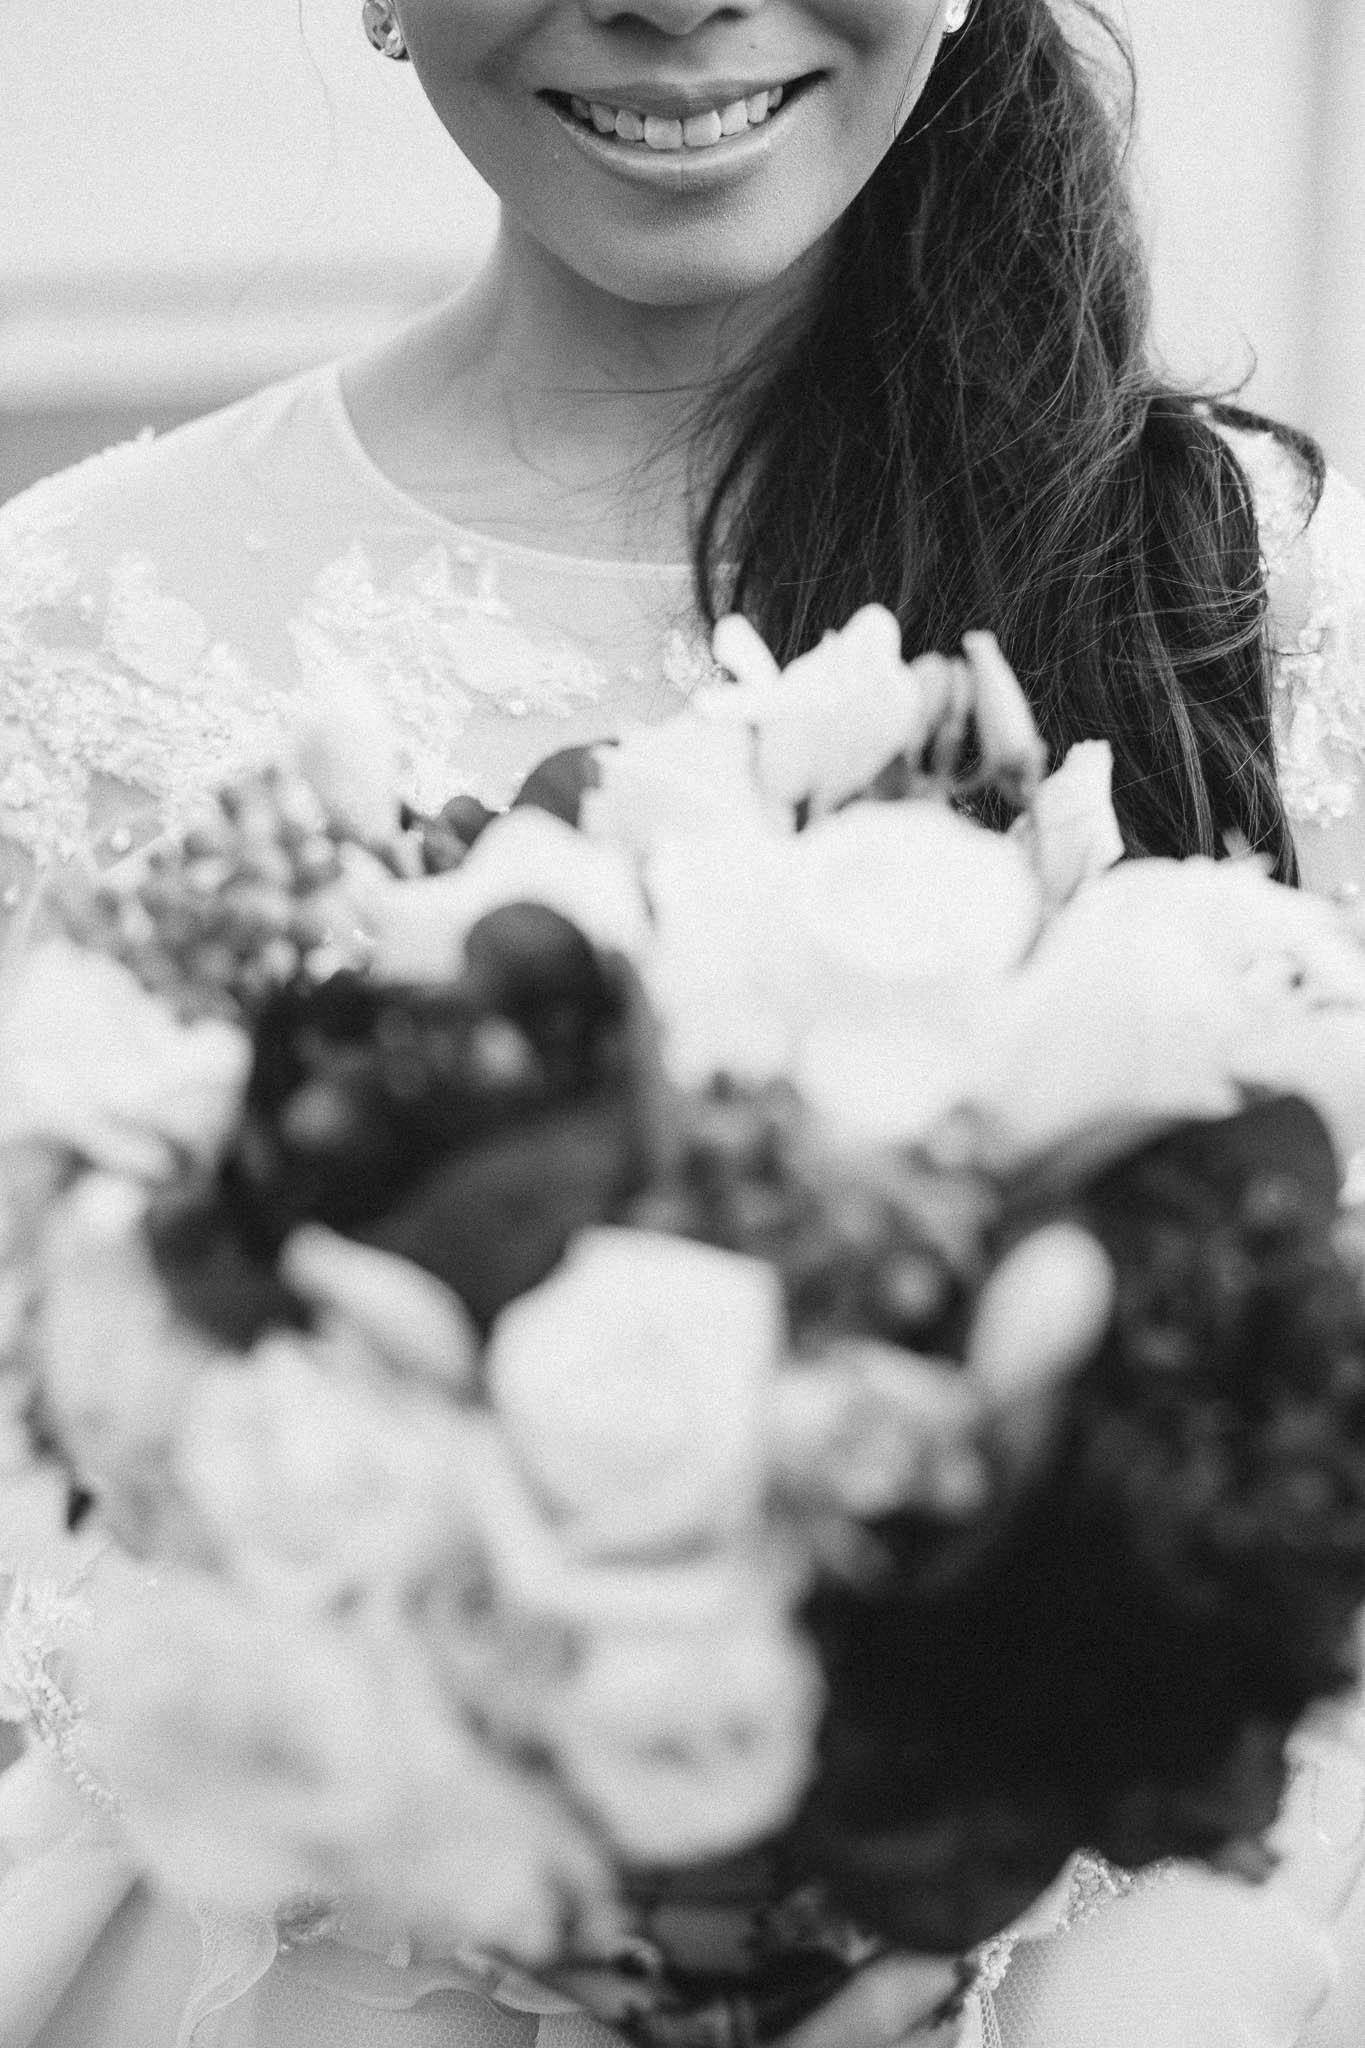 singapore-wedding-photographer-hafidz-hazlin-75.jpg